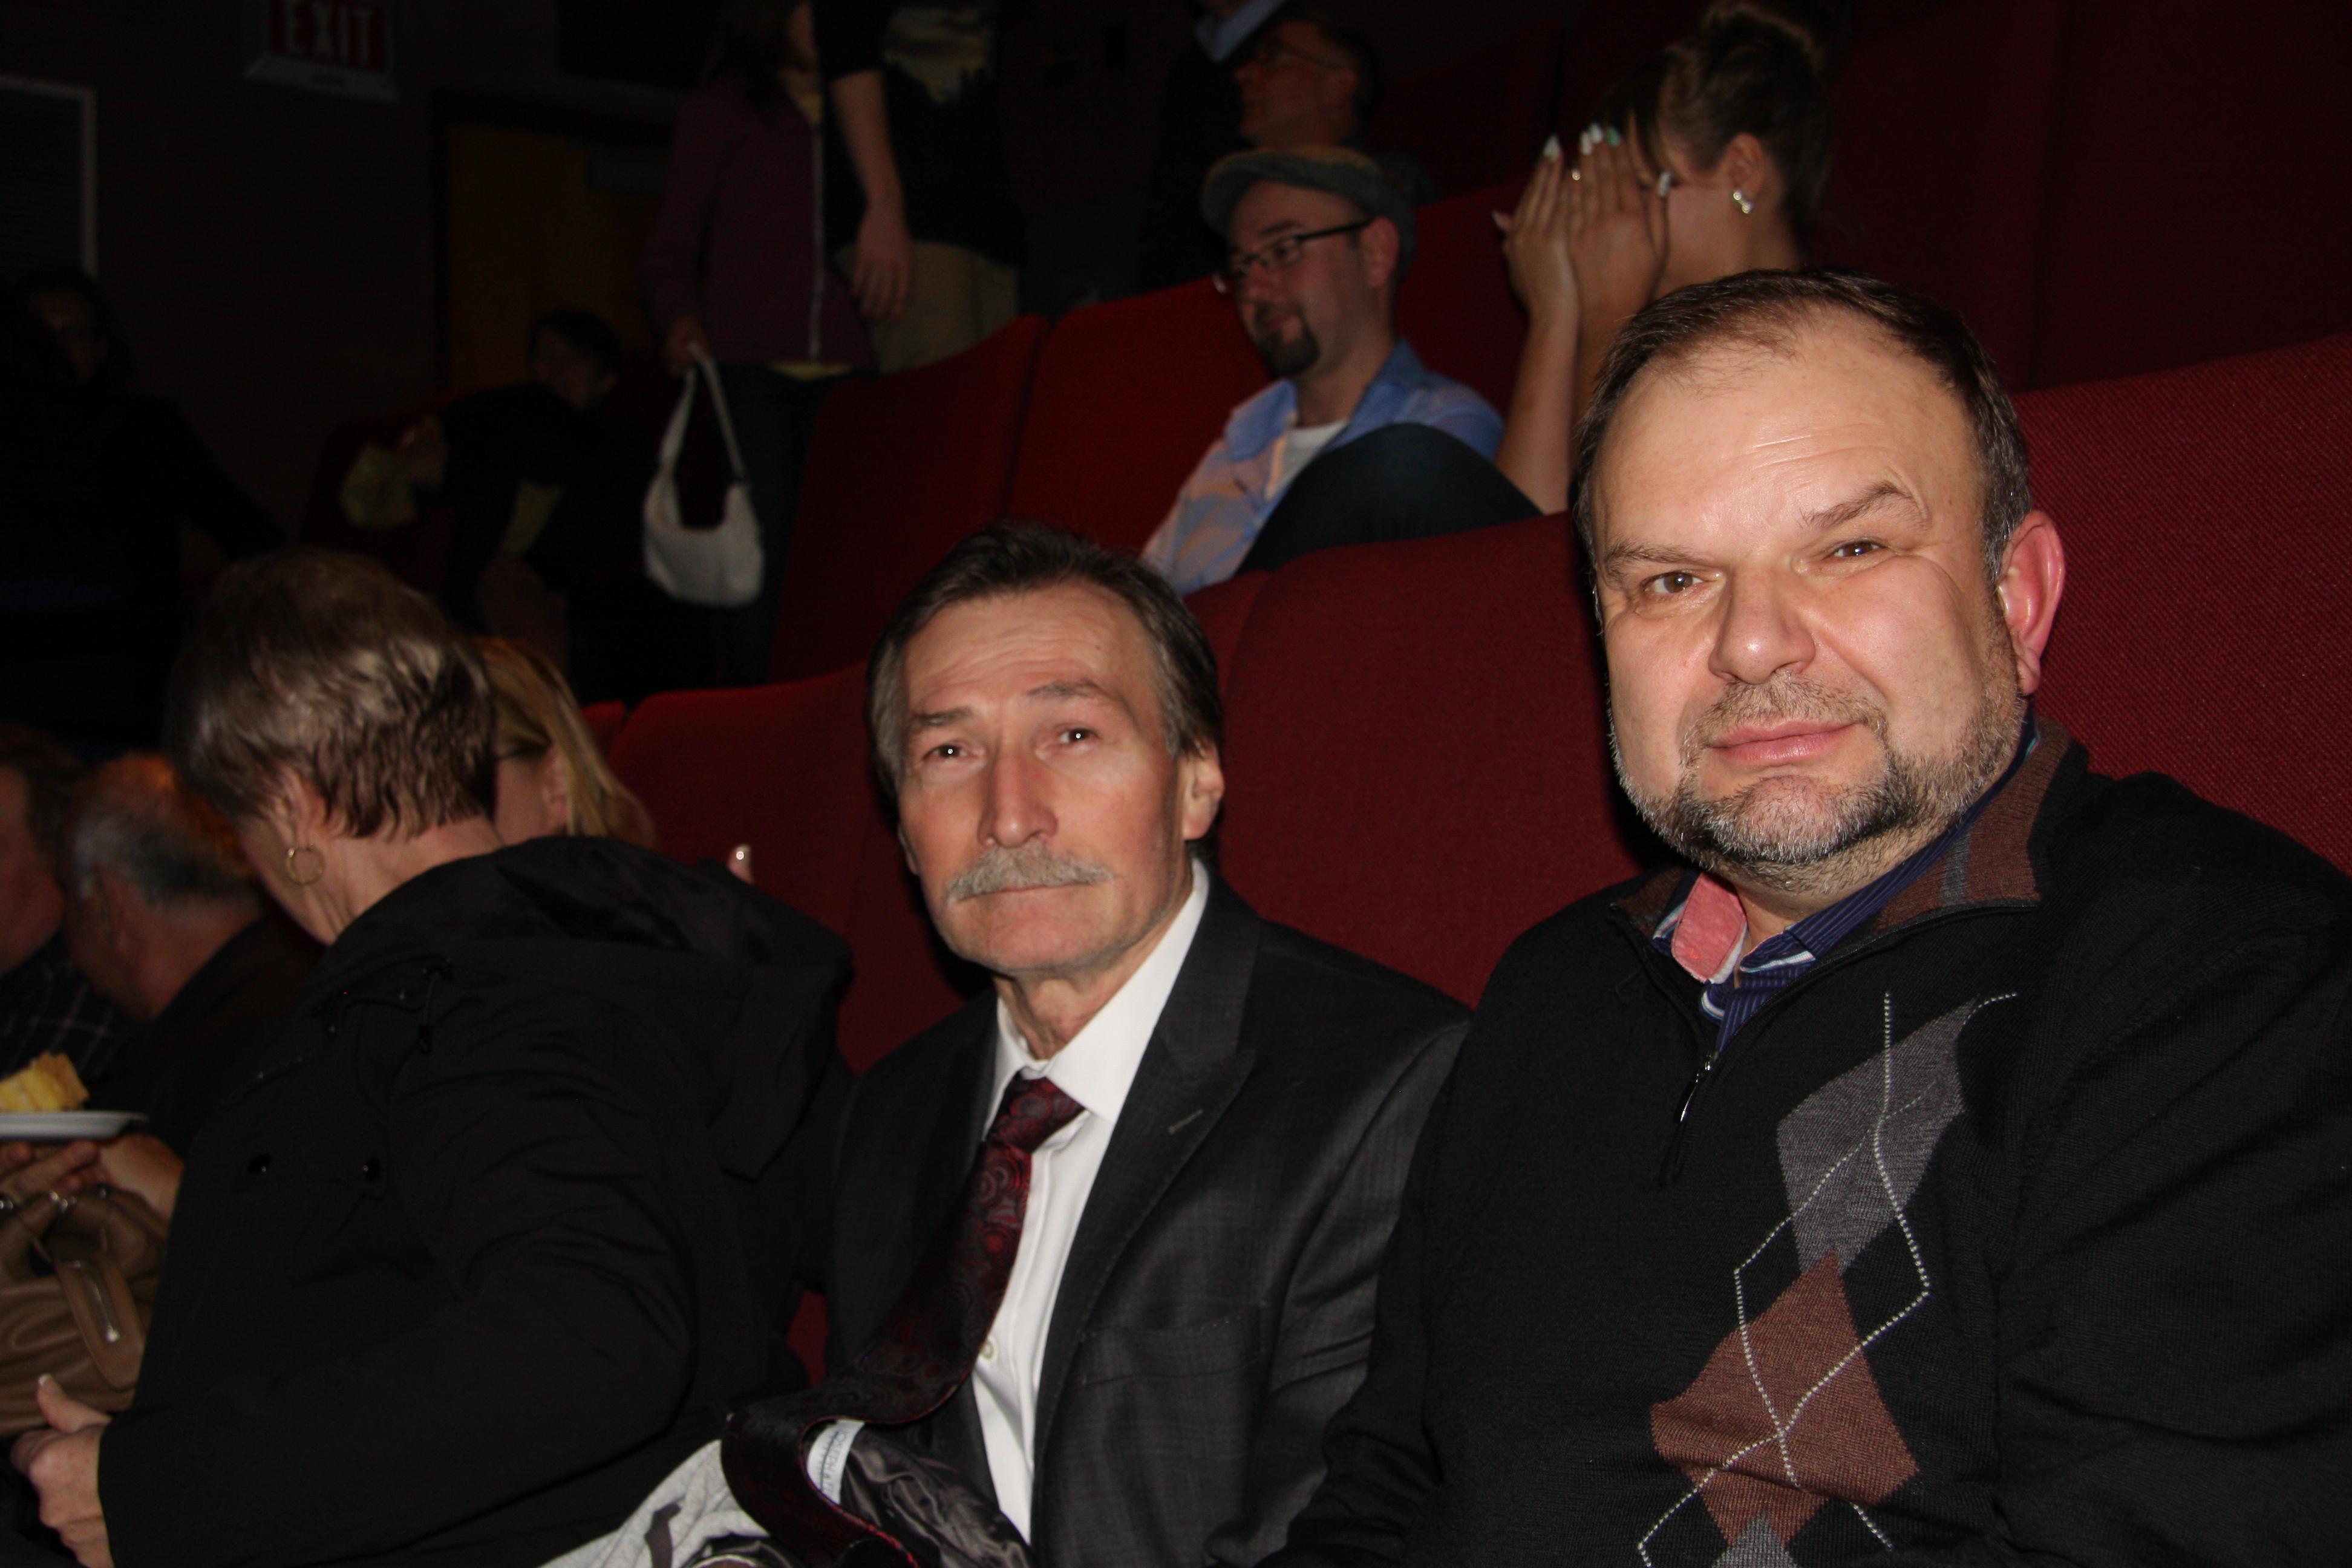 A. Kopczynski, D. Gagracz